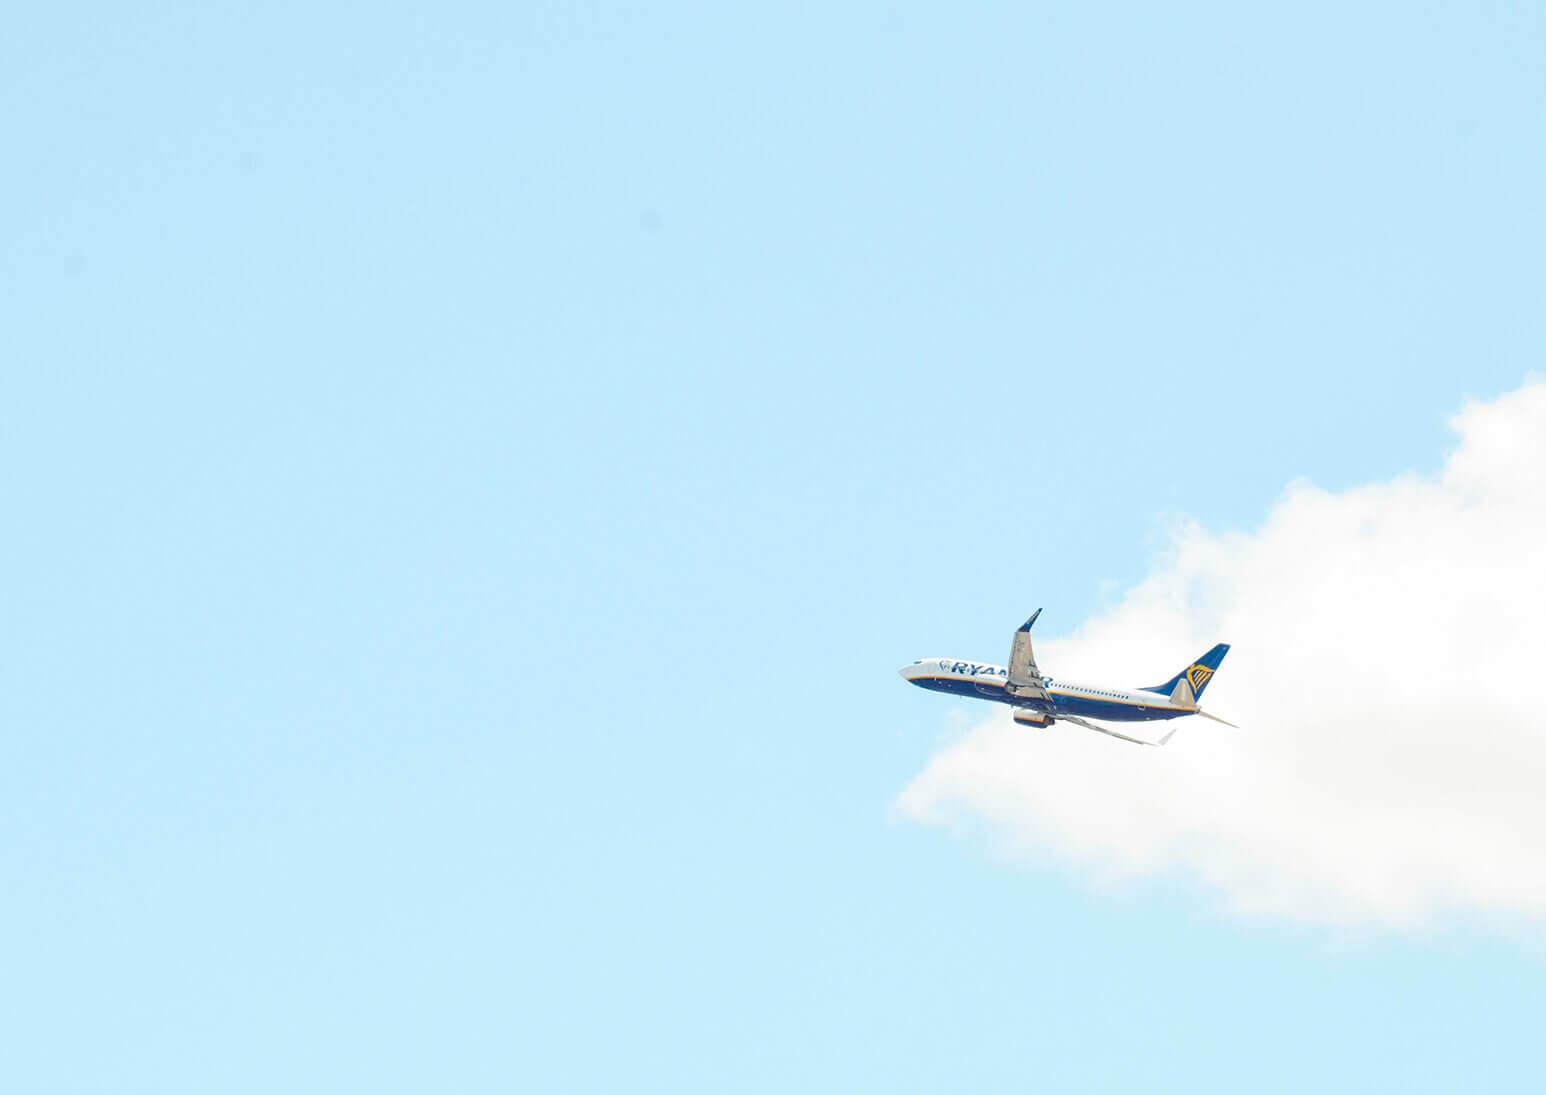 青空に飛び立つ飛行機